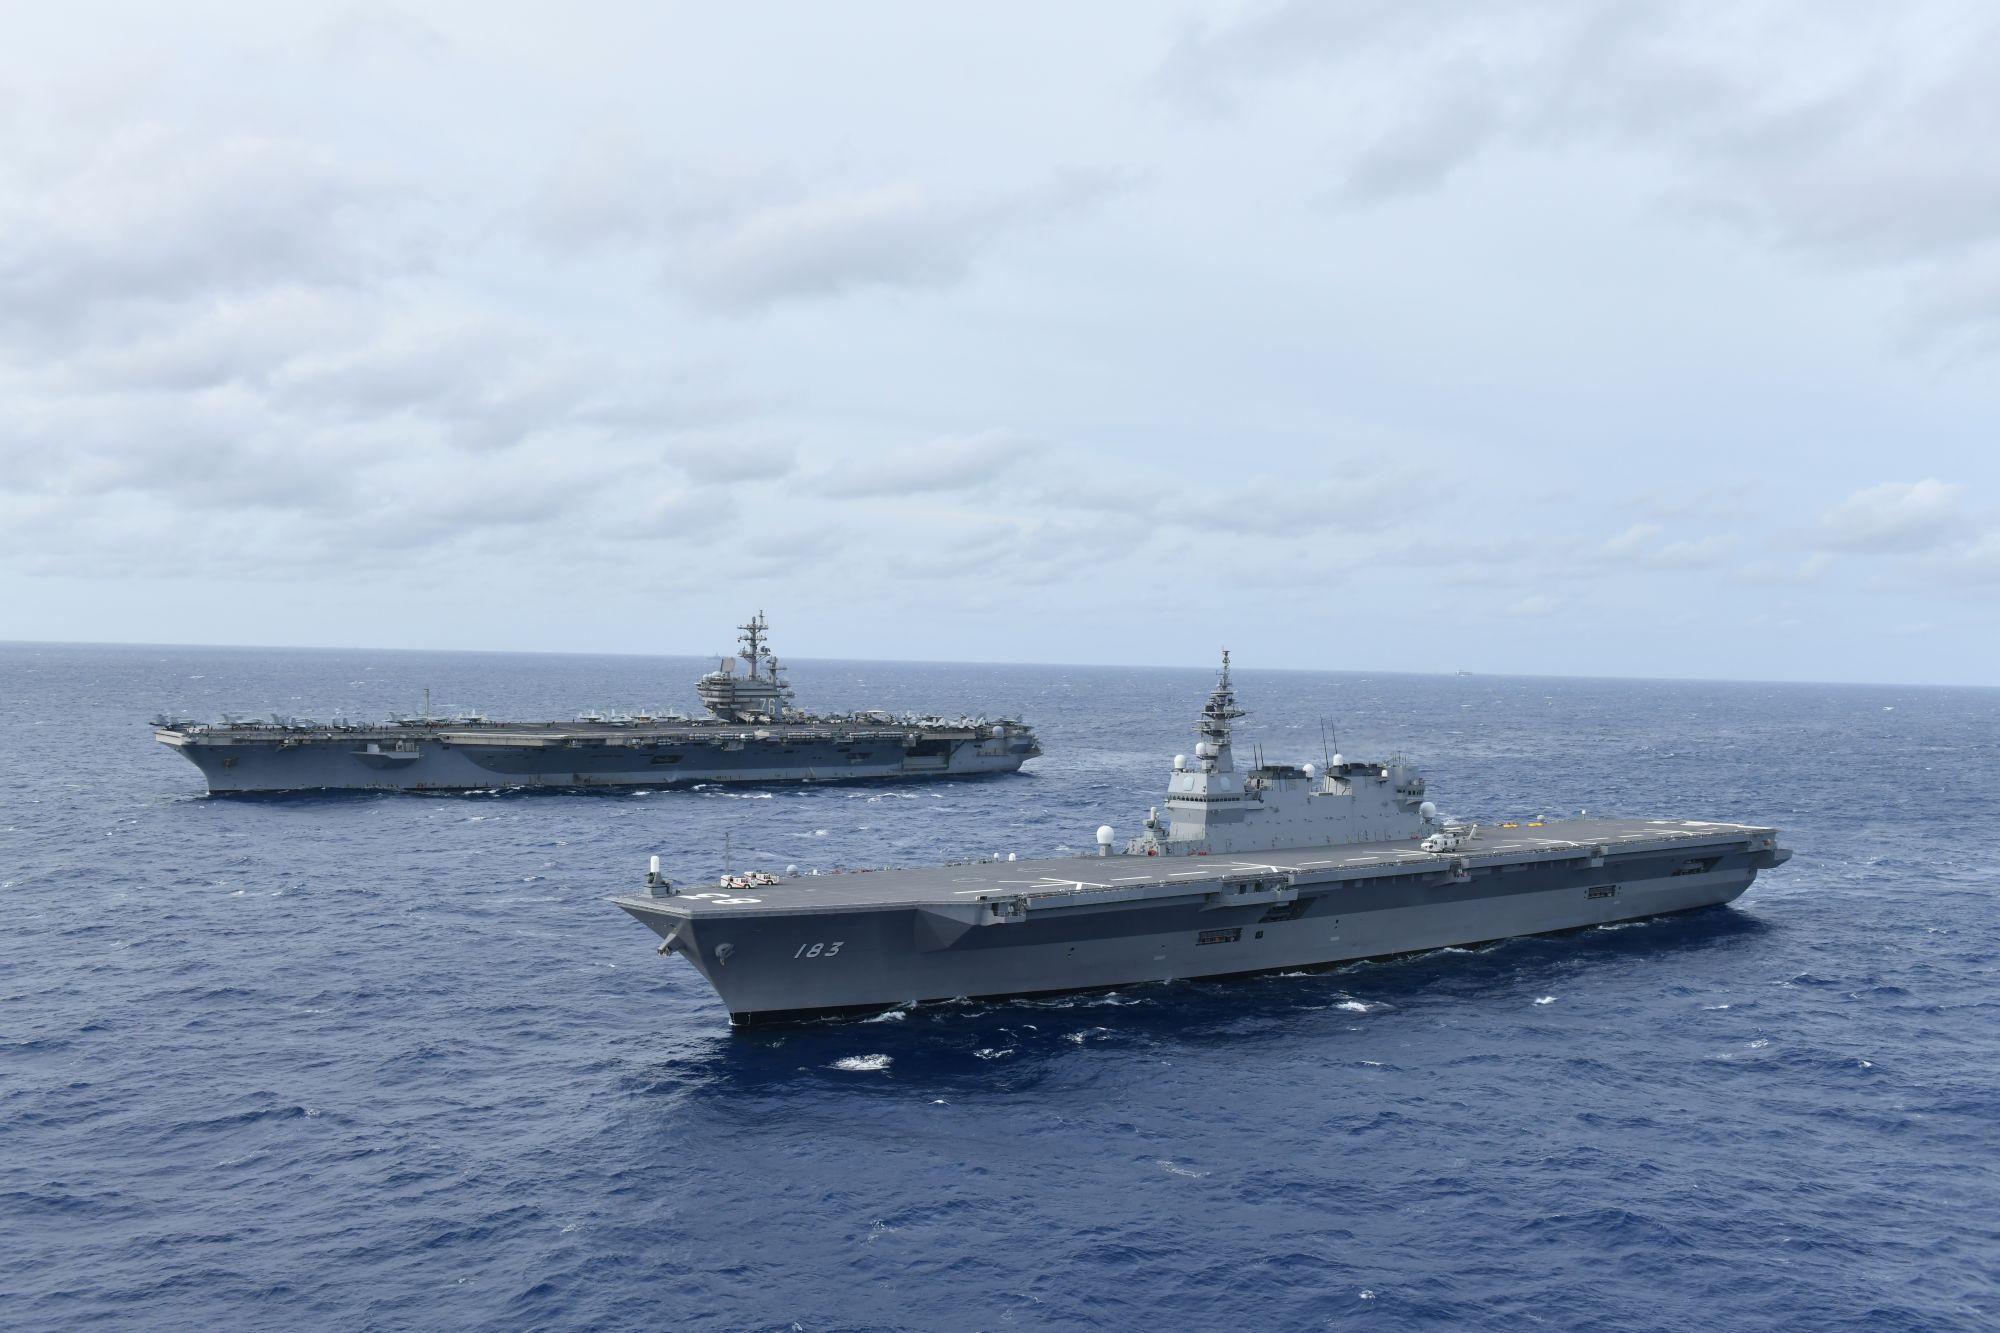 2019年6月11日,美軍航空母艦列根號(左)與日本海上自衛隊直升機護衛艦出雲號共同航行於南海。(U.S. Navy photo courtesy of JMSDF)